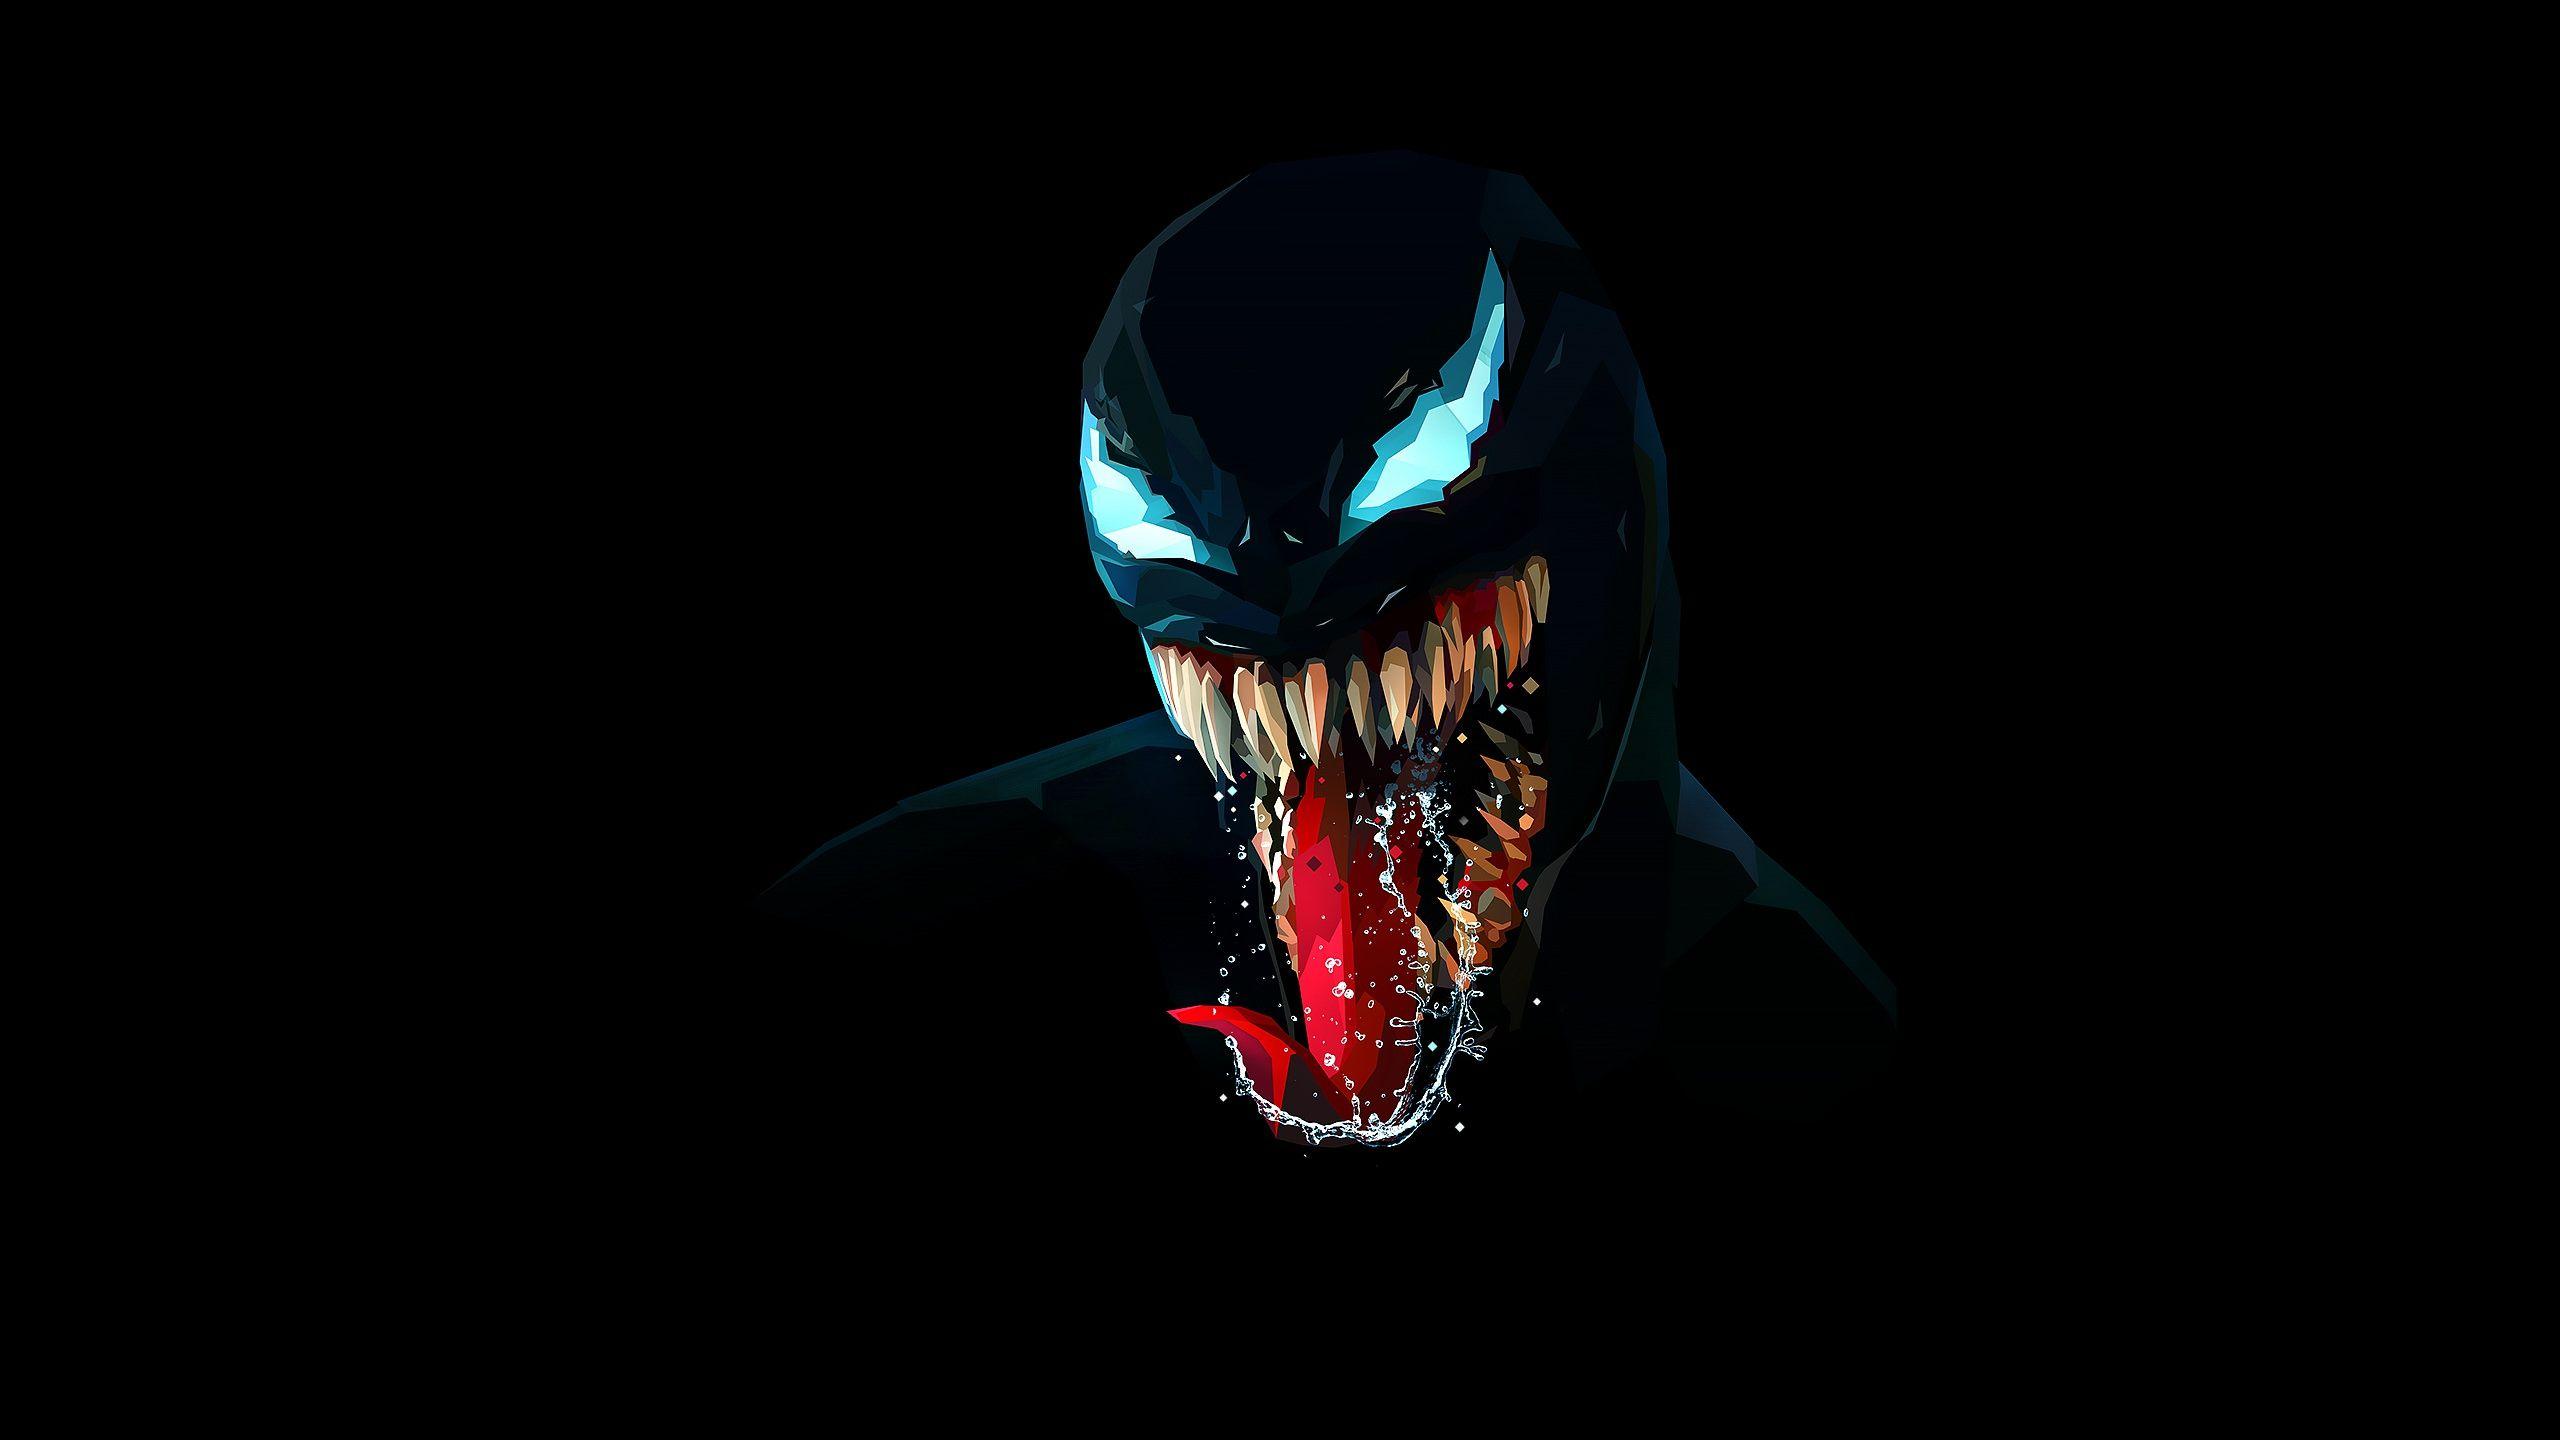 Venom [25601440] Computer wallpaper desktop wallpapers